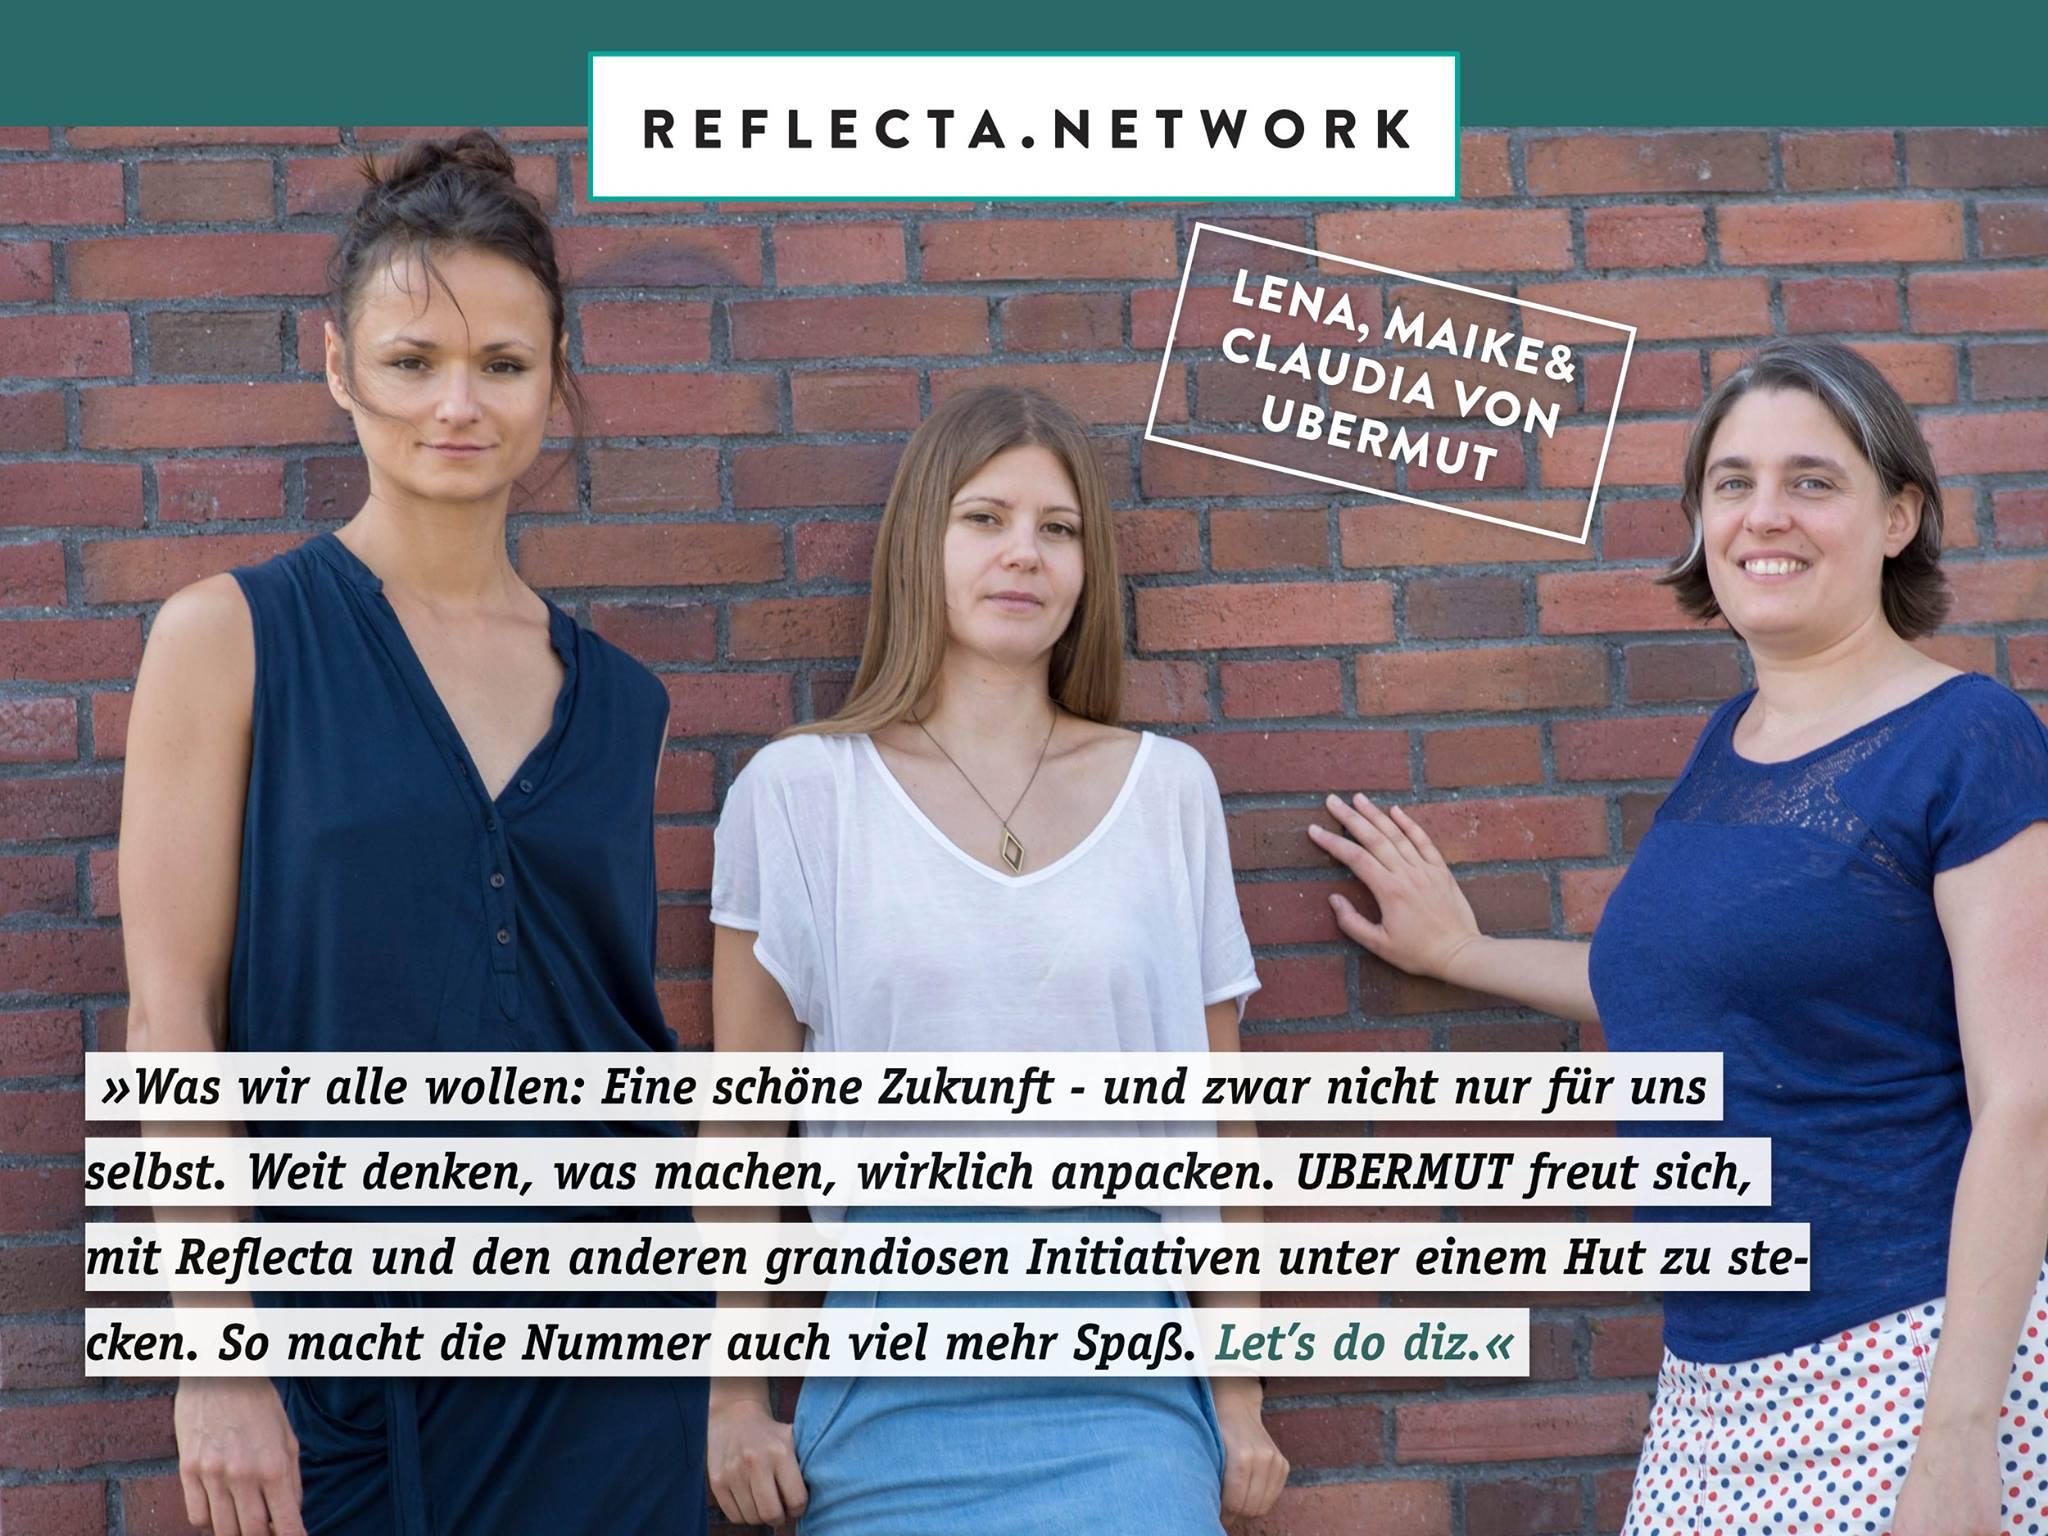 UBERMUT <3 Reflecta.Network